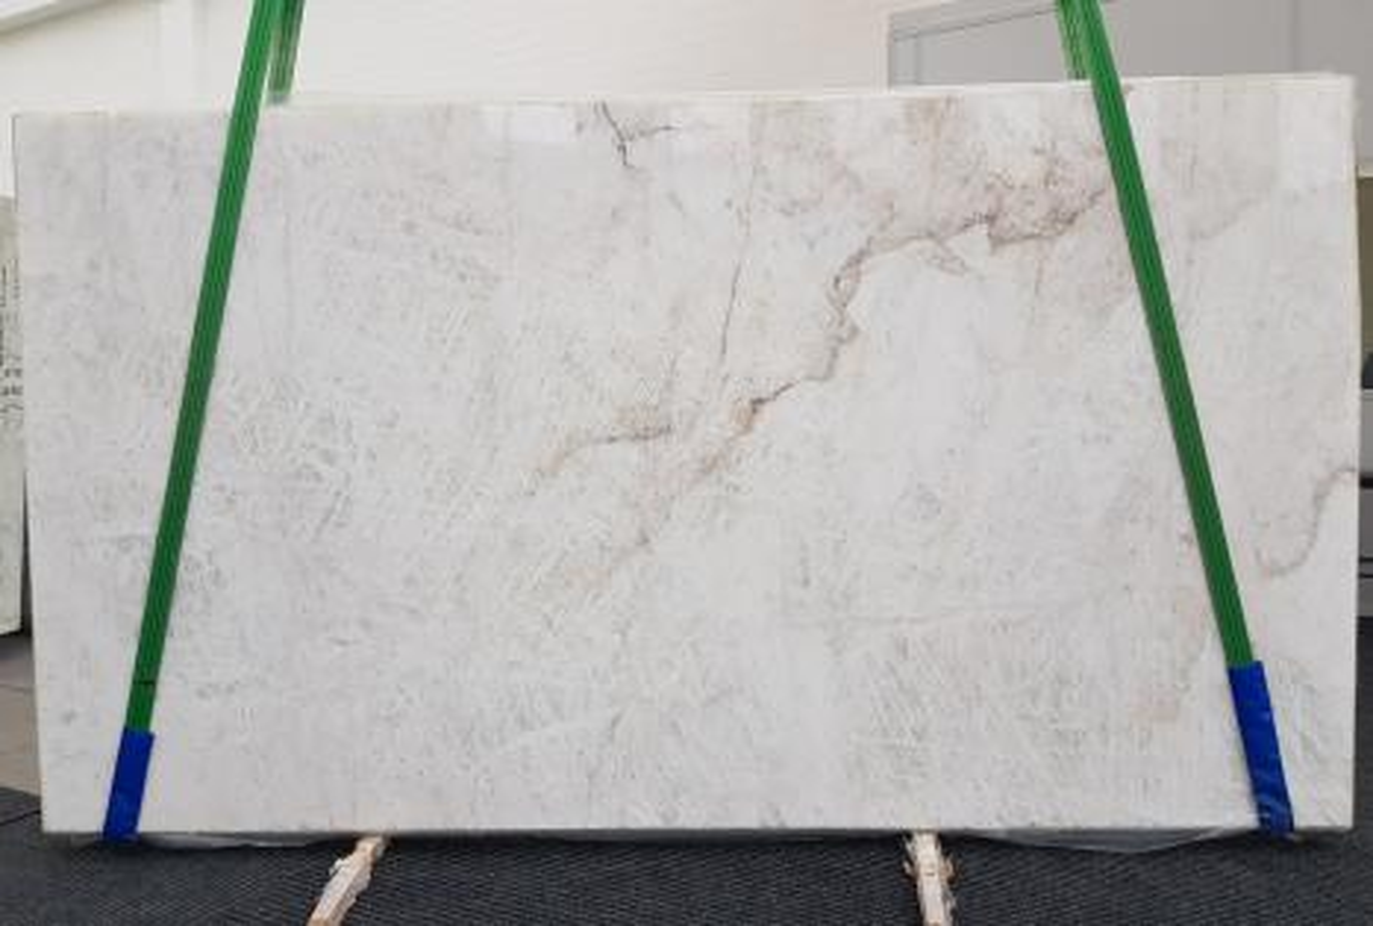 CRISTALLO geschliffene Unmaßplatten 1163 aus Natur Quarzit , Slab #01: Lieferung Veneto, Italien